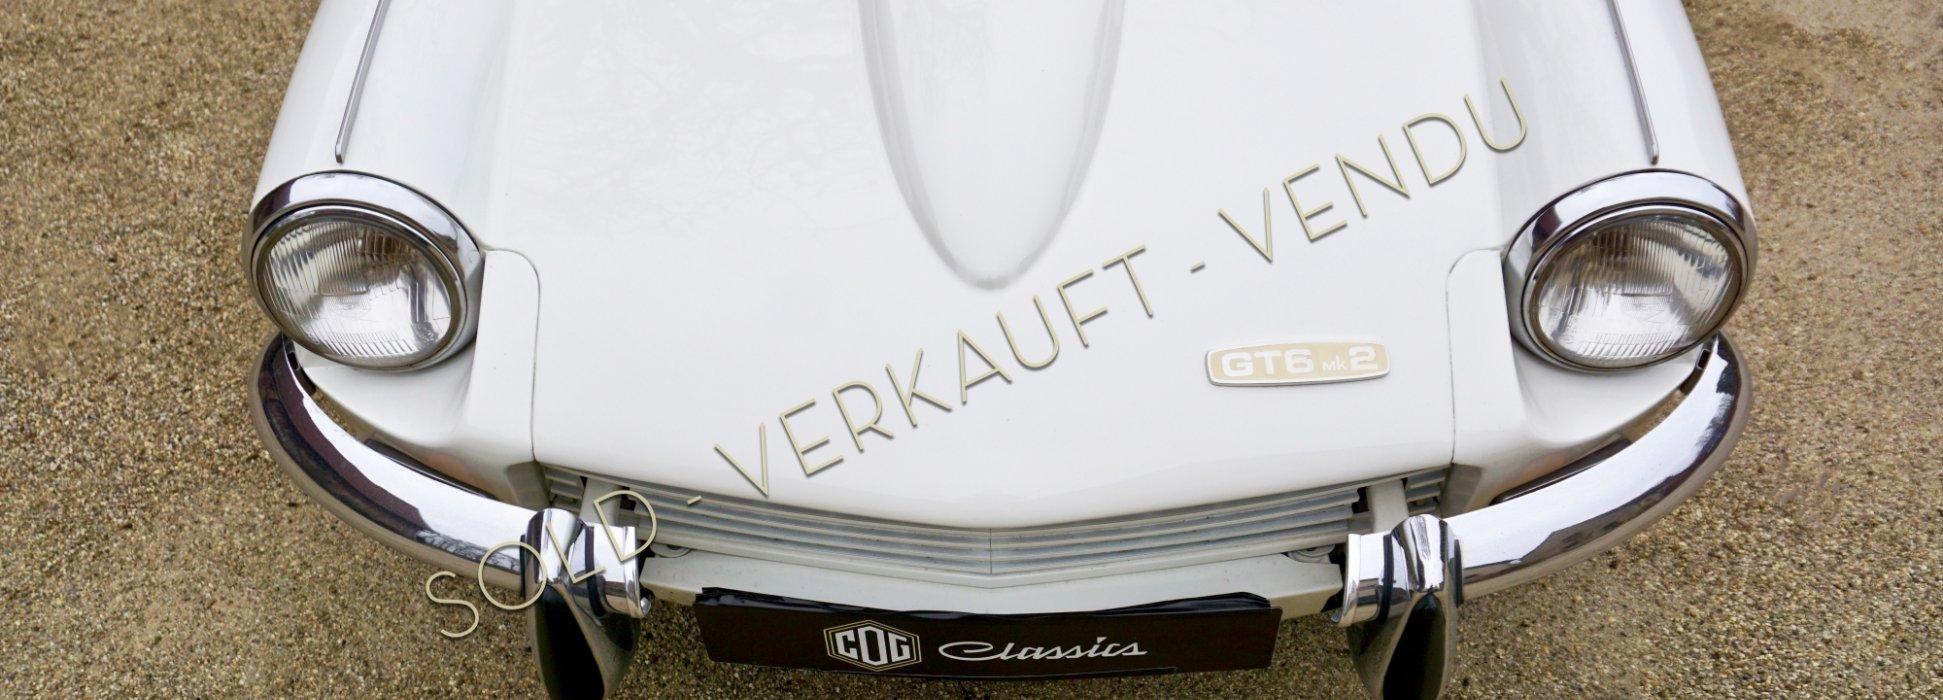 Triumph GT6 Coupé 1